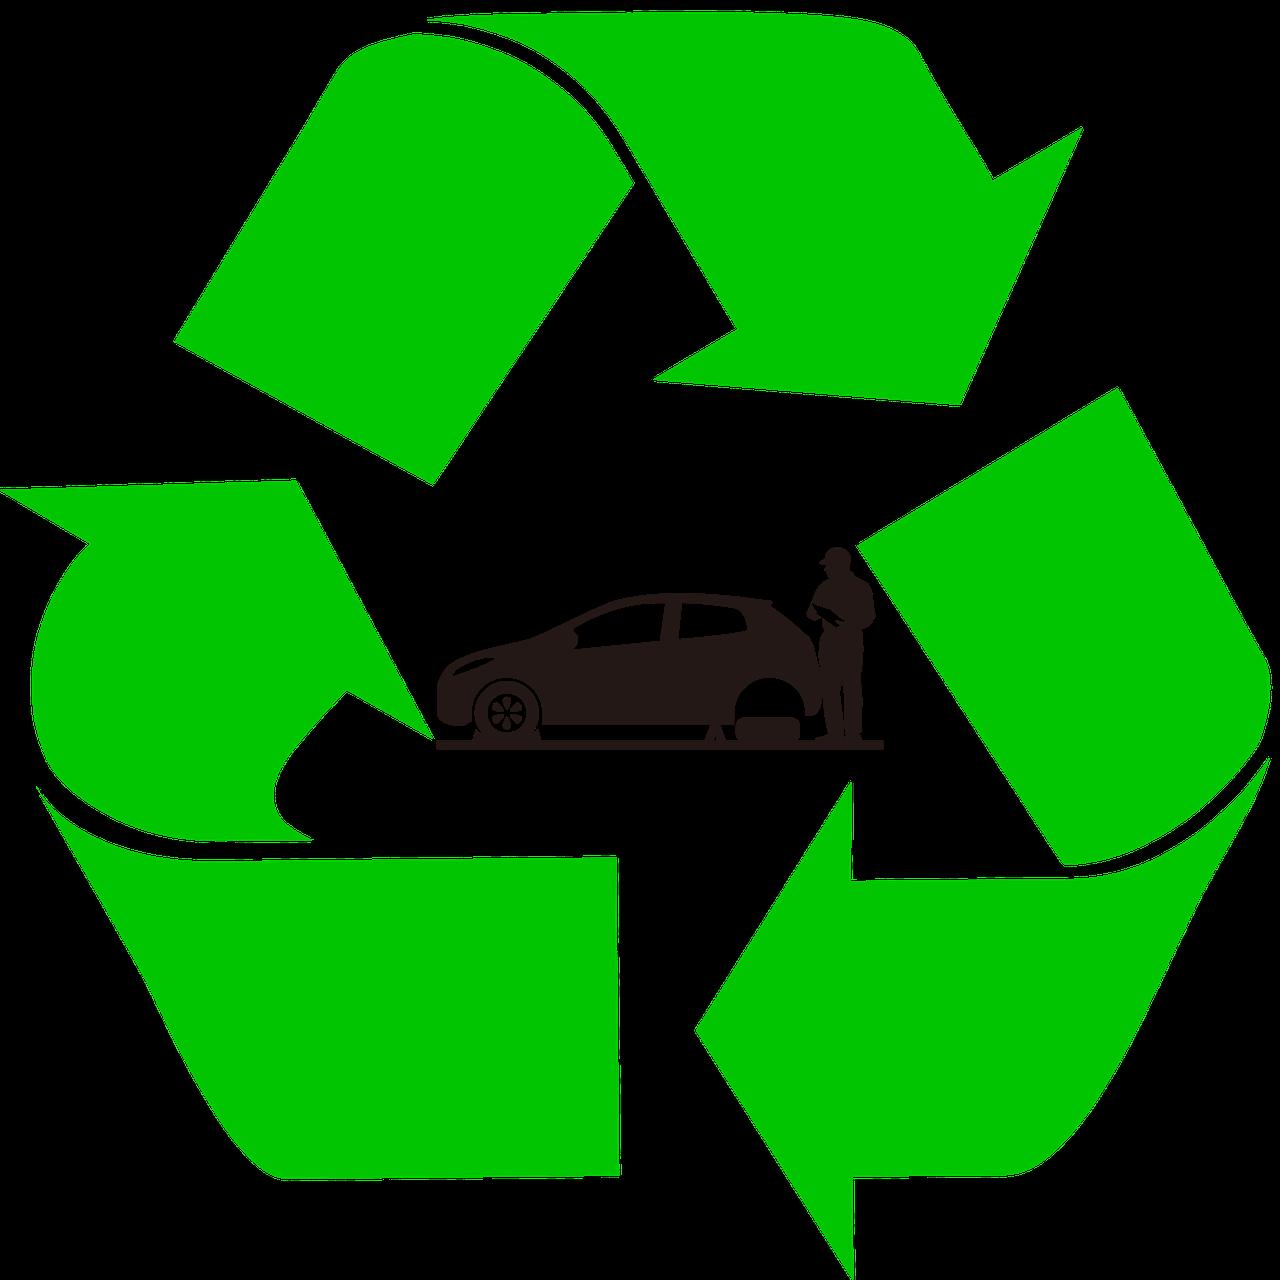 自動車リサイクル券を紛失してしまった!再発行や廃車手続きはできる?